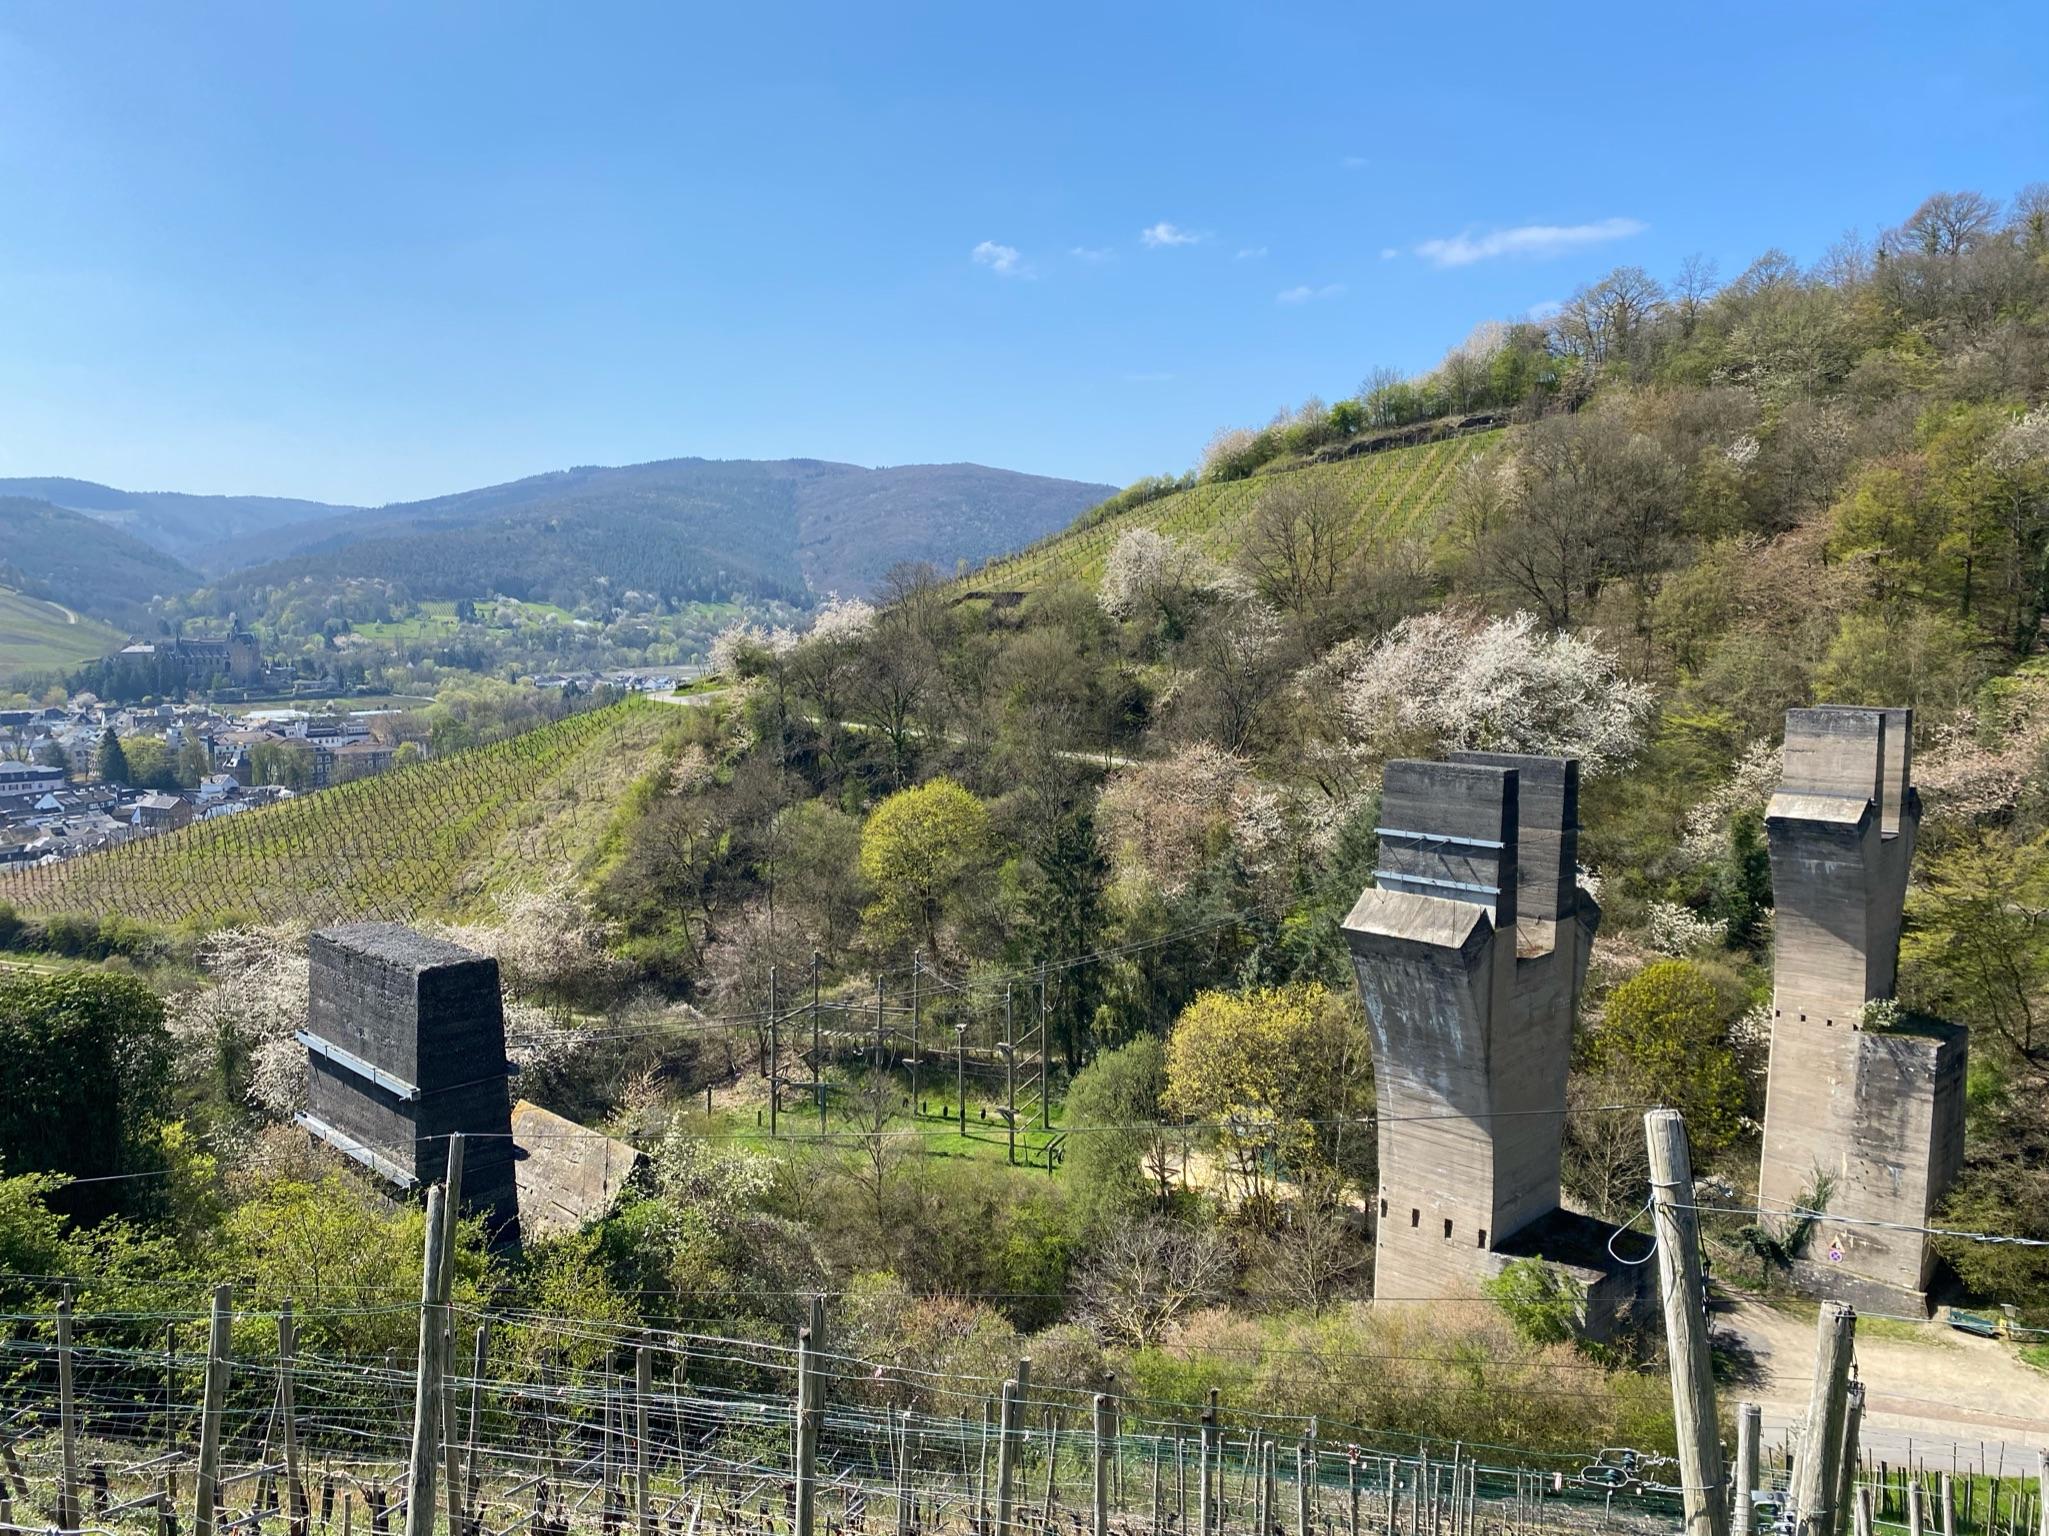 Adenbachviadukt wird heute als Hochseilgarten genutzt